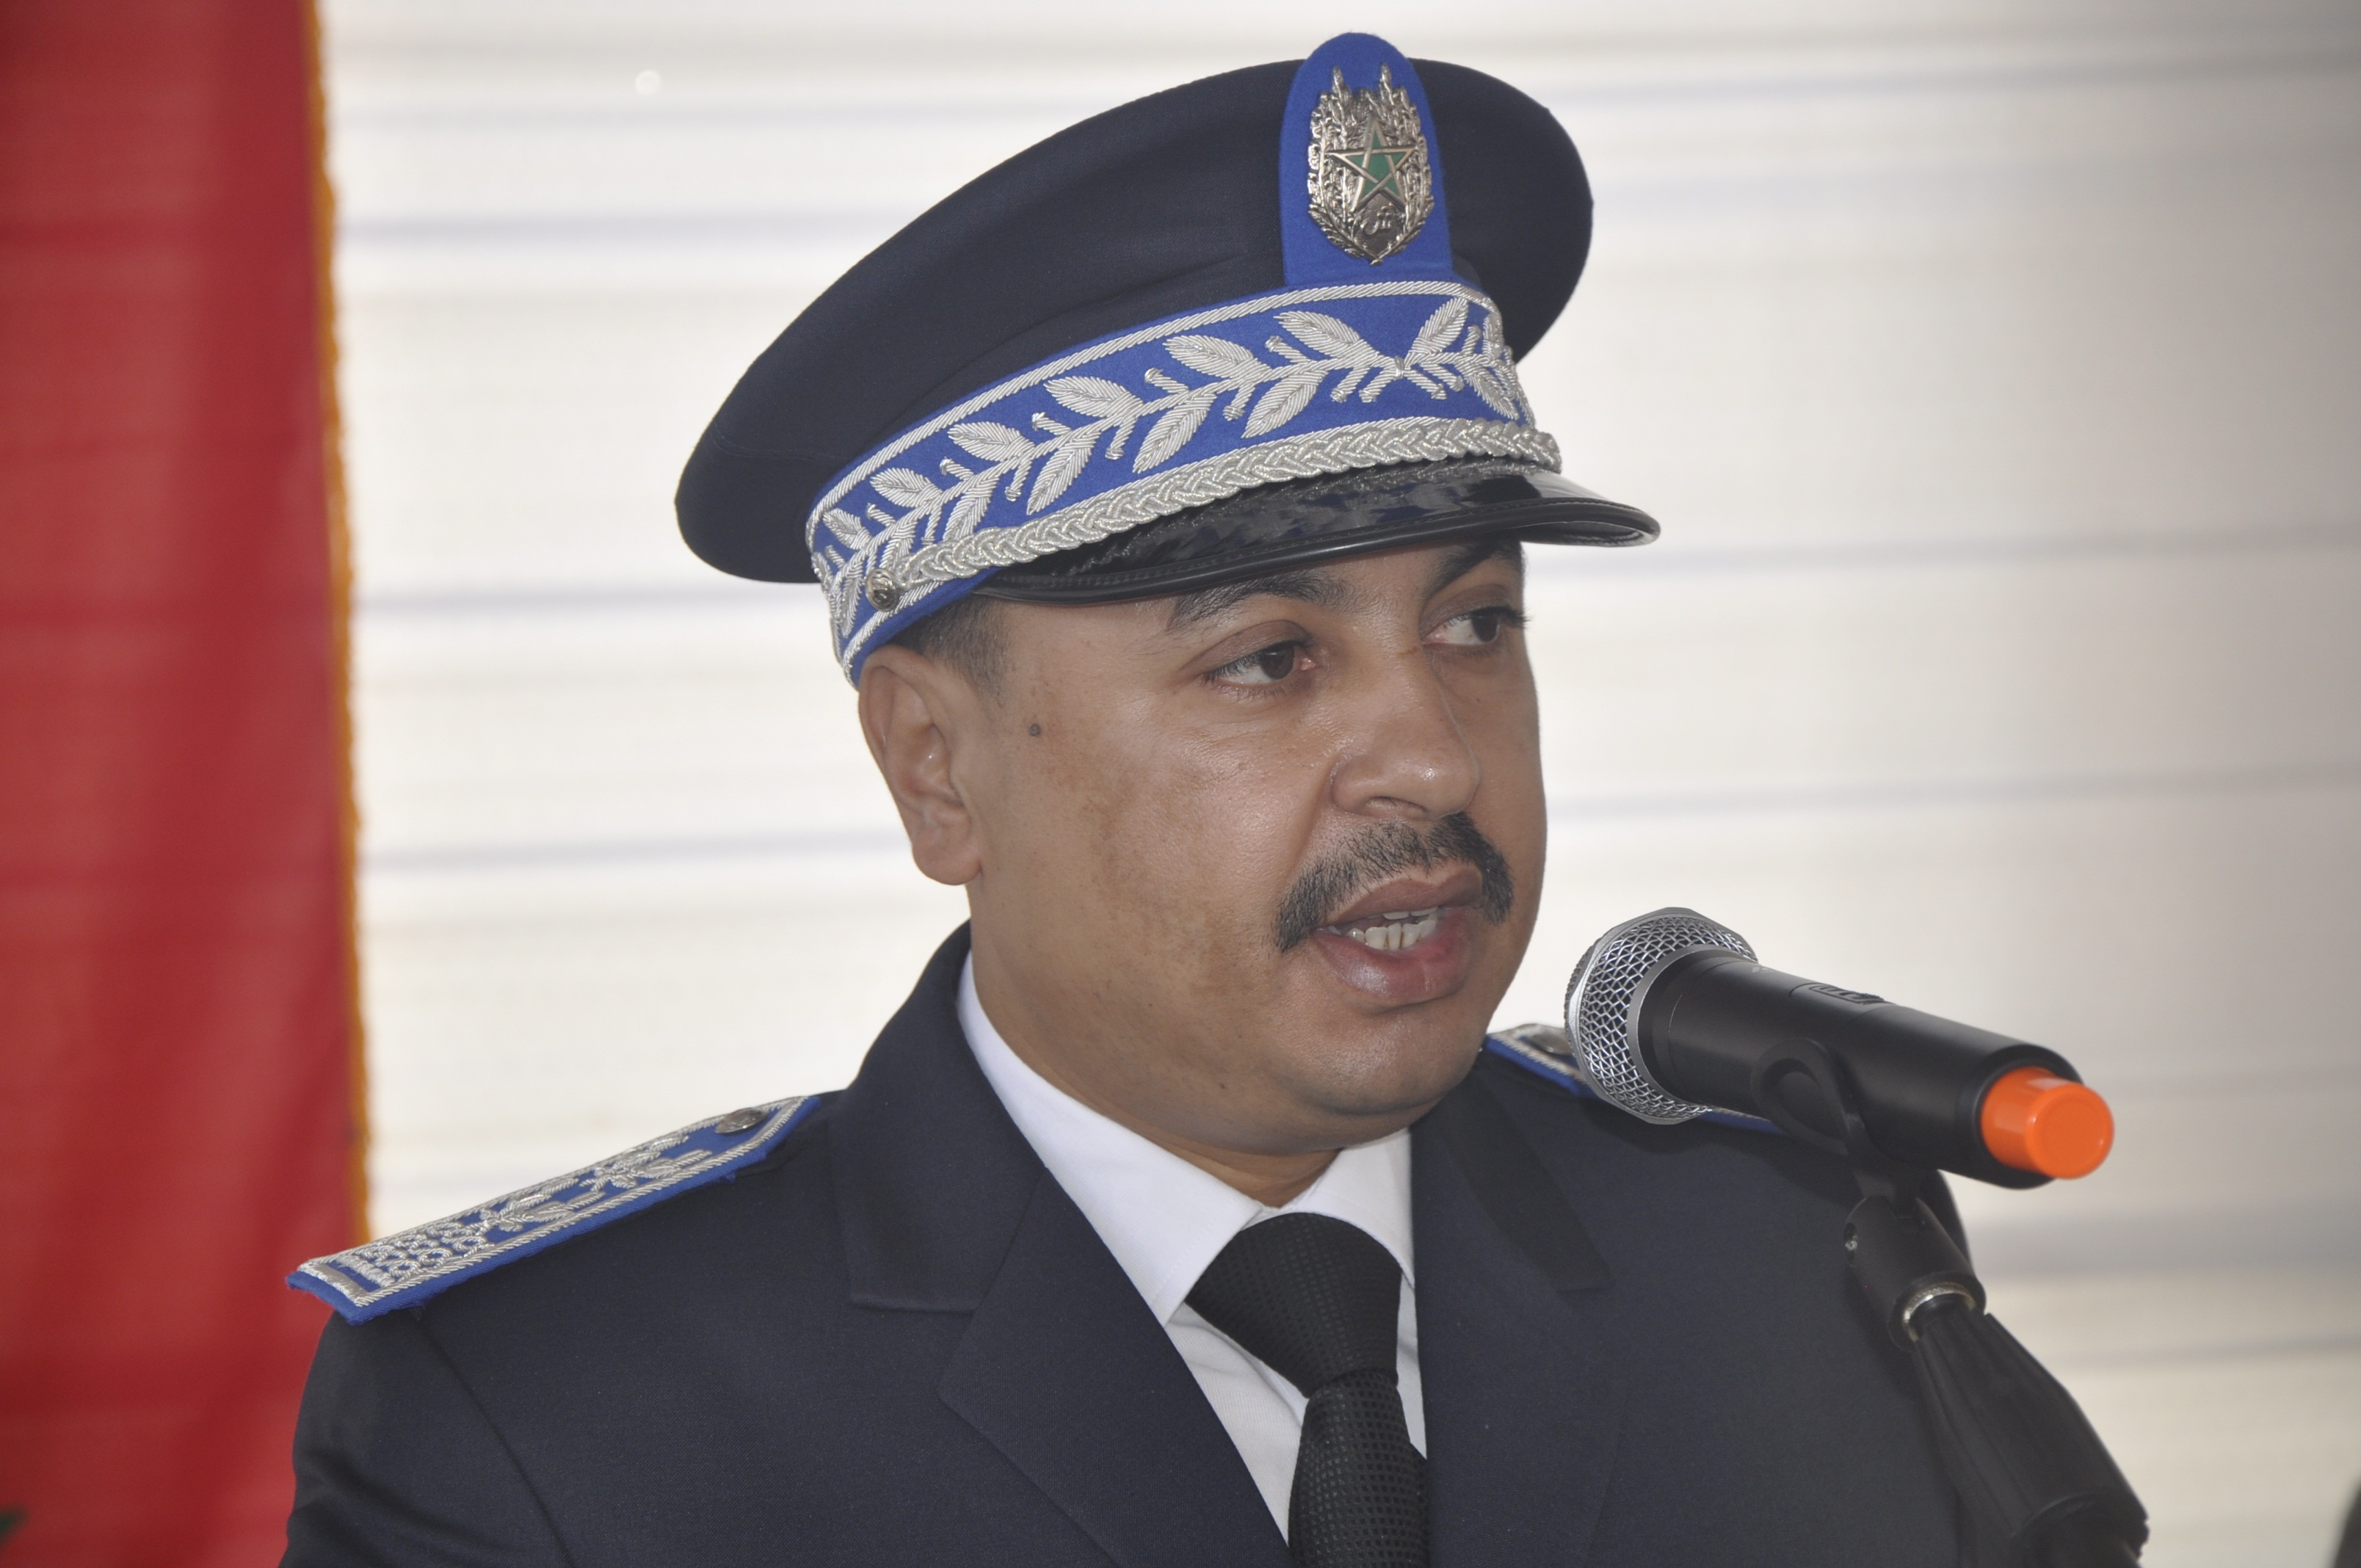 المسؤولون بأمن الجديدة يخالفون توجيهات الملك محمد السادس وحادثة سير تفضح حقيقتهم